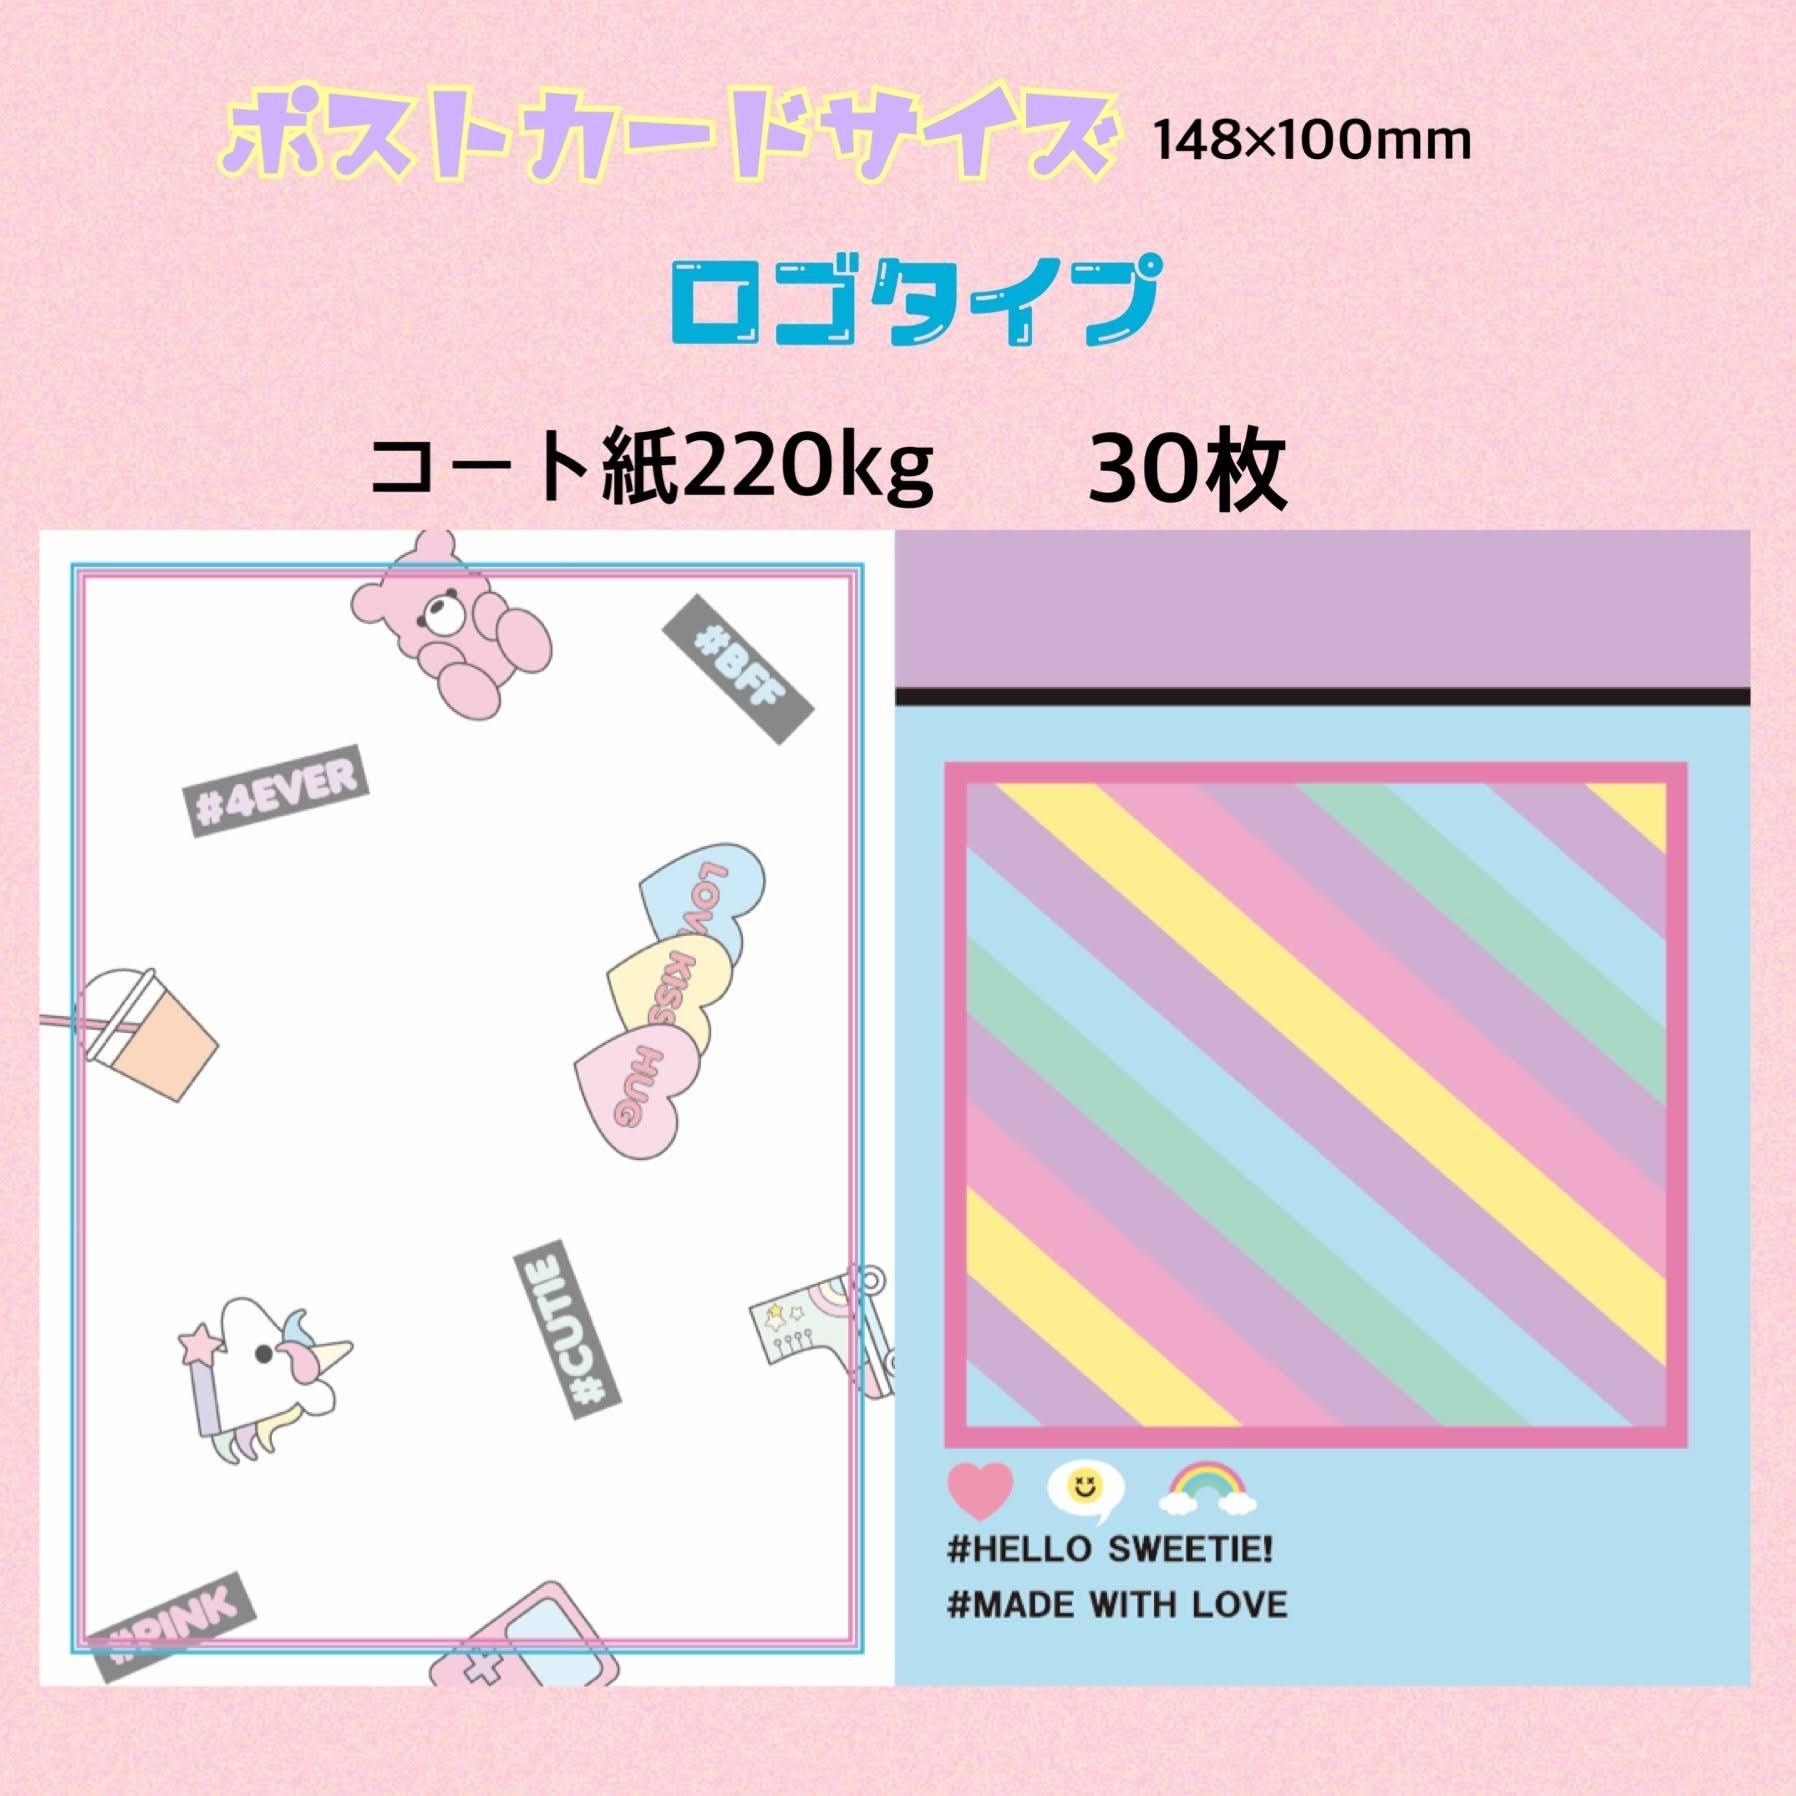 オリジナルデザイン台紙 ポストカードサイズ ロゴ